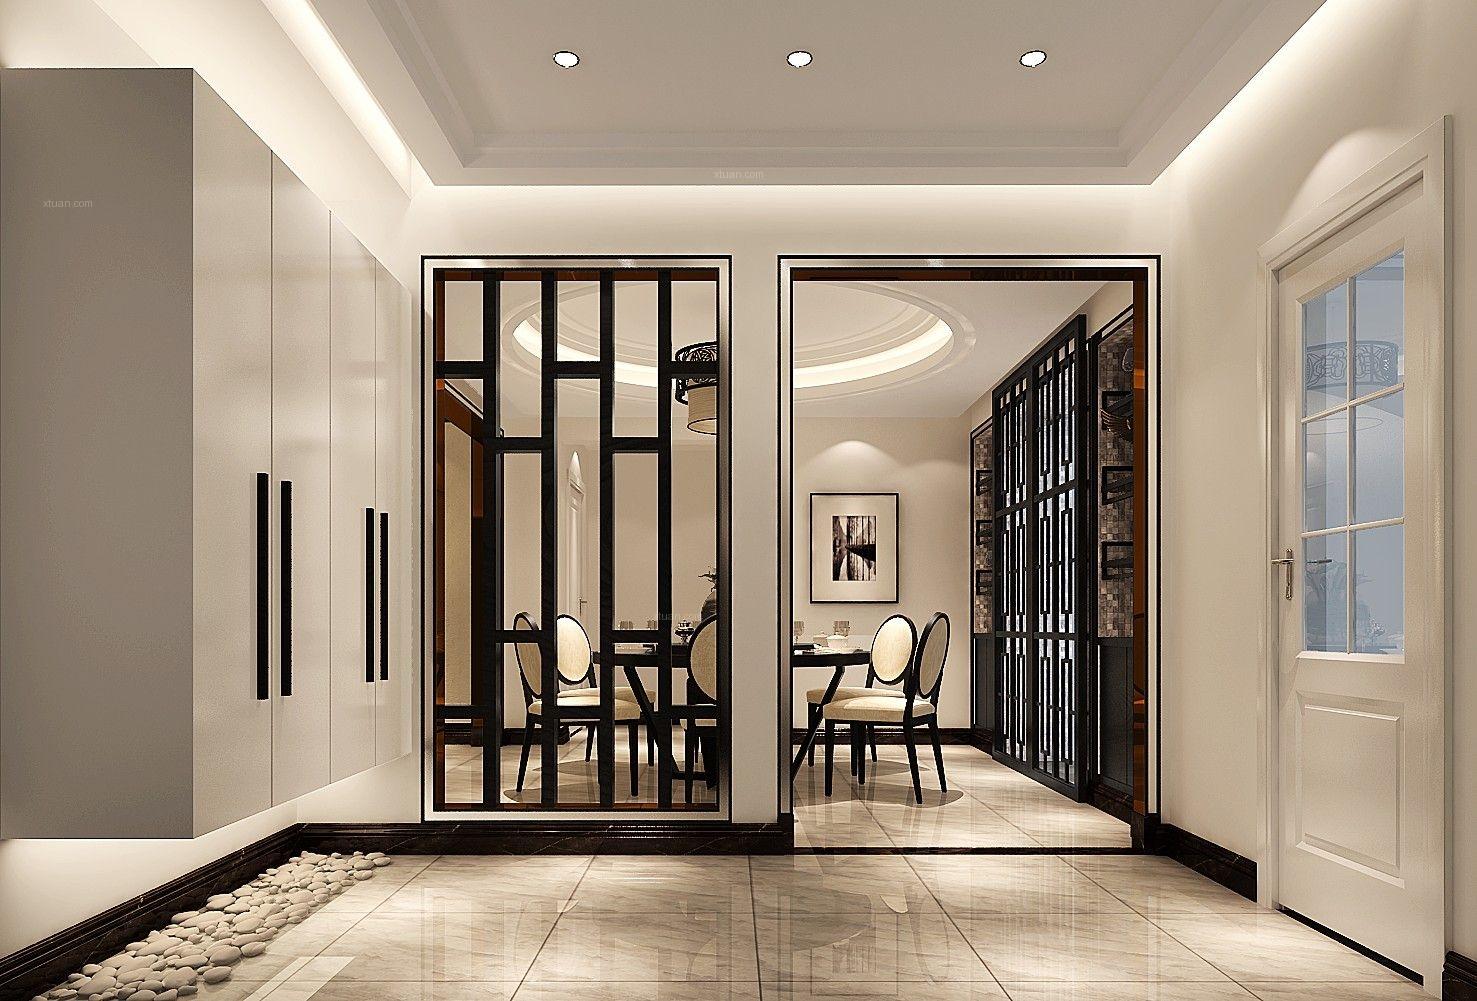 中信新城140㎡现代简约公寓